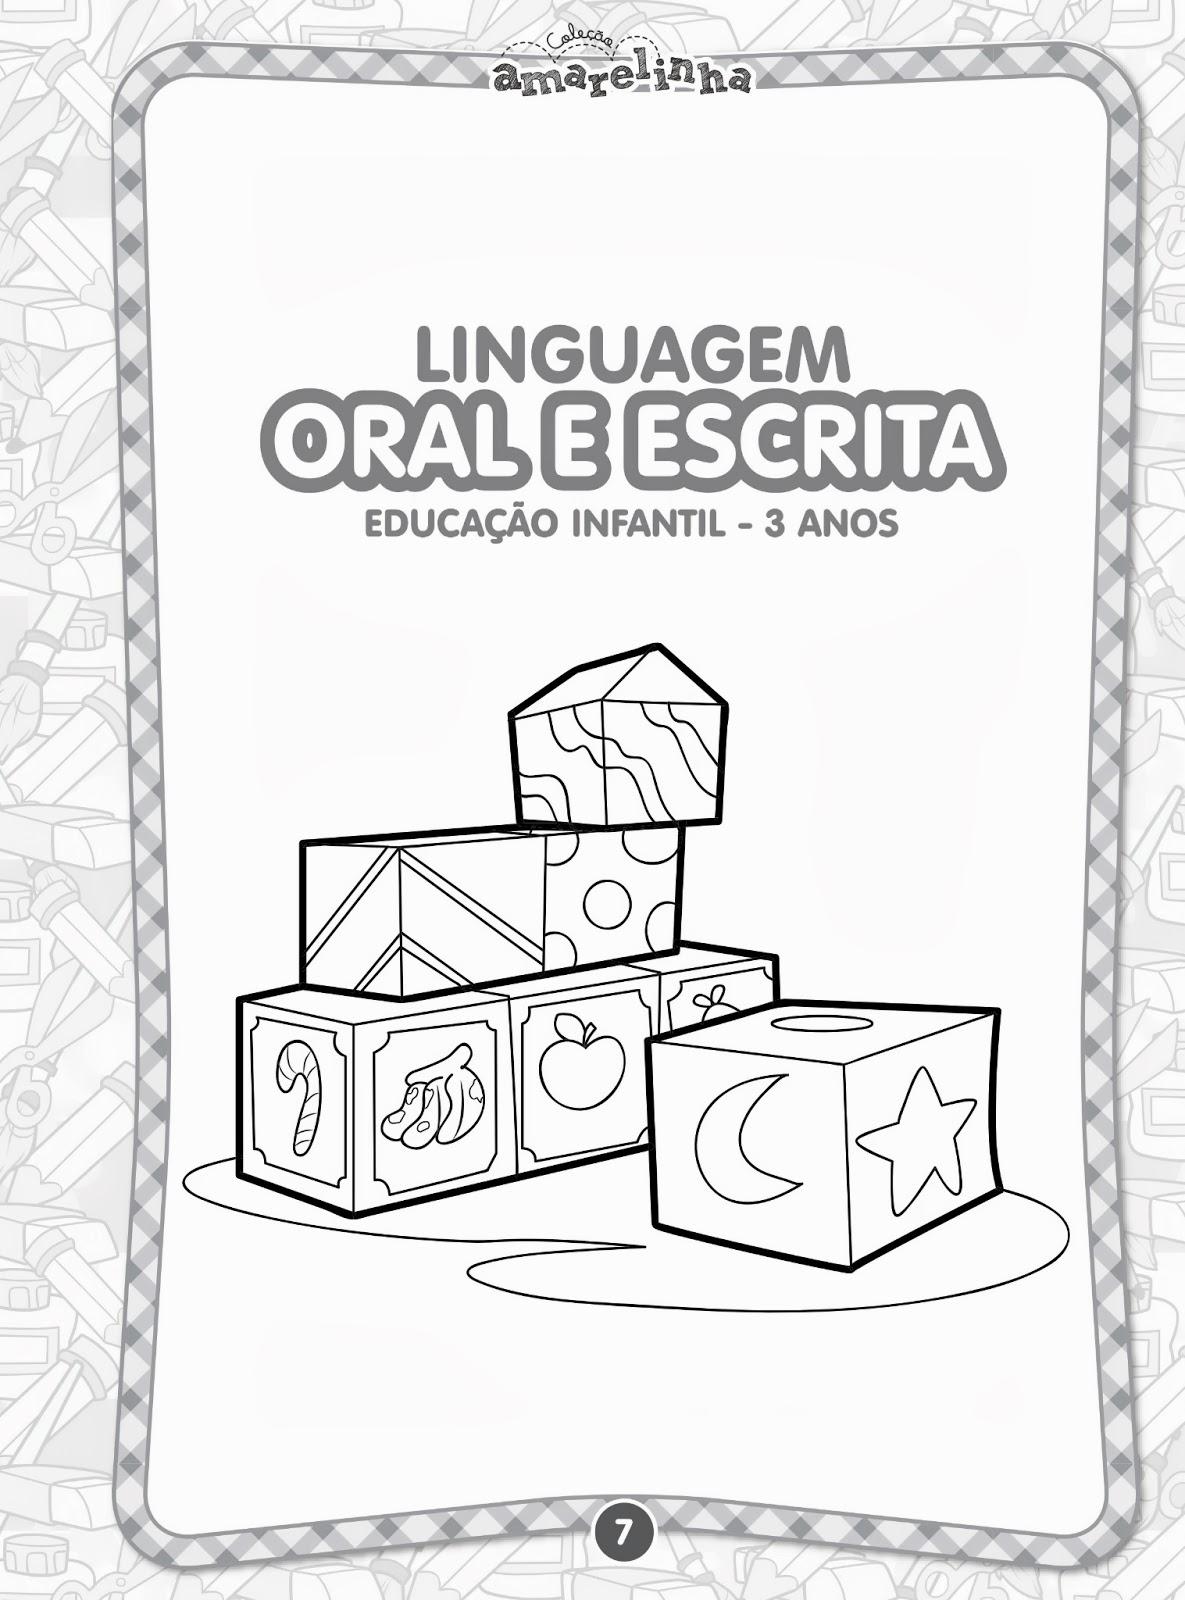 Suficiente Aprender Brincando: Coleção Amarelinha Linguagem Oral e Escrita  NN95